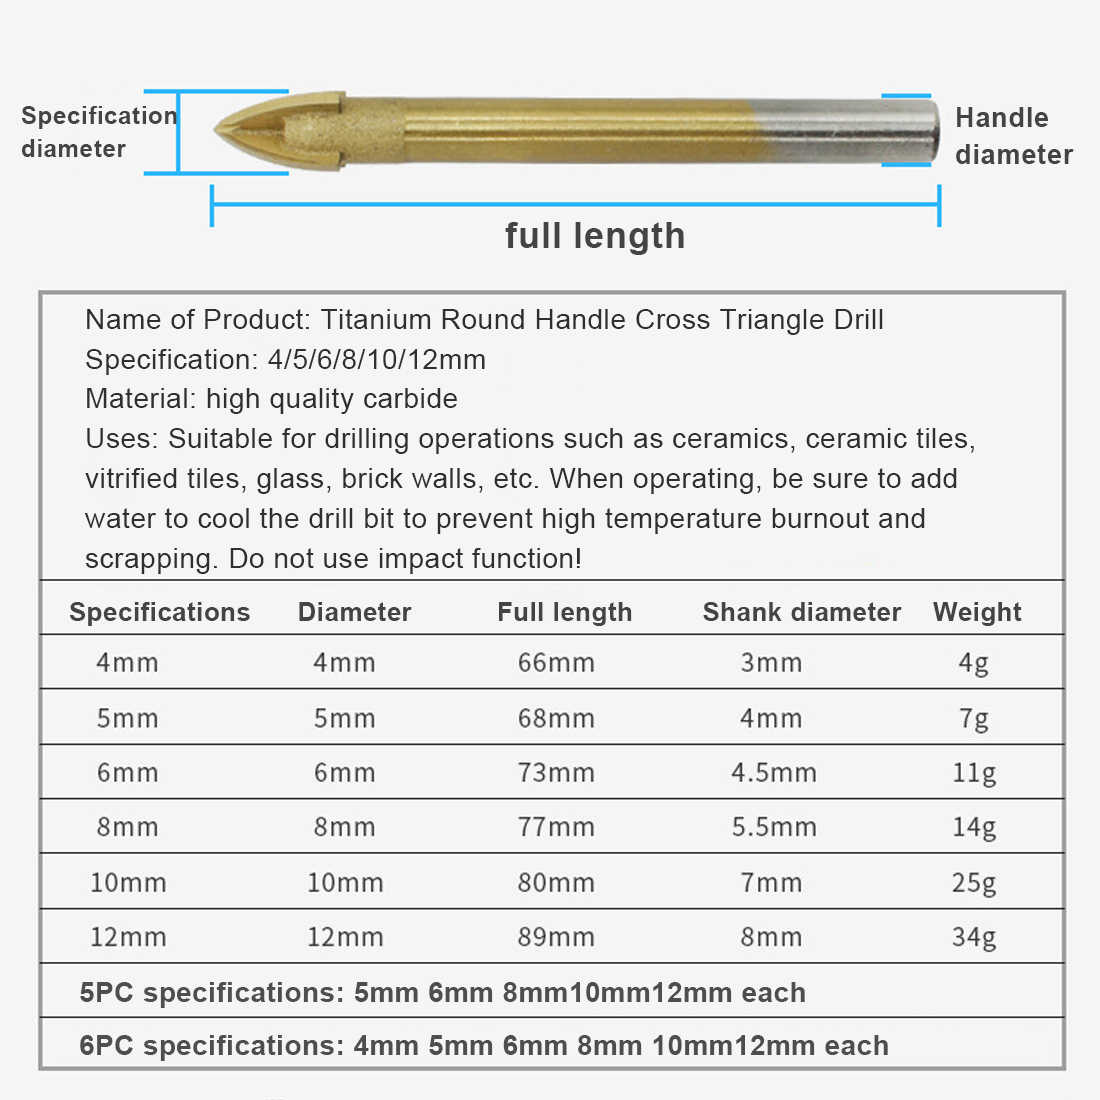 טונגסטן קרביד צלב חנית ראש תרגיל טיטניום מצופה קרמיקה אריחי זכוכית השיש מקדח שוק עגול 5mm/6 mm/8mm/10mm/12mm